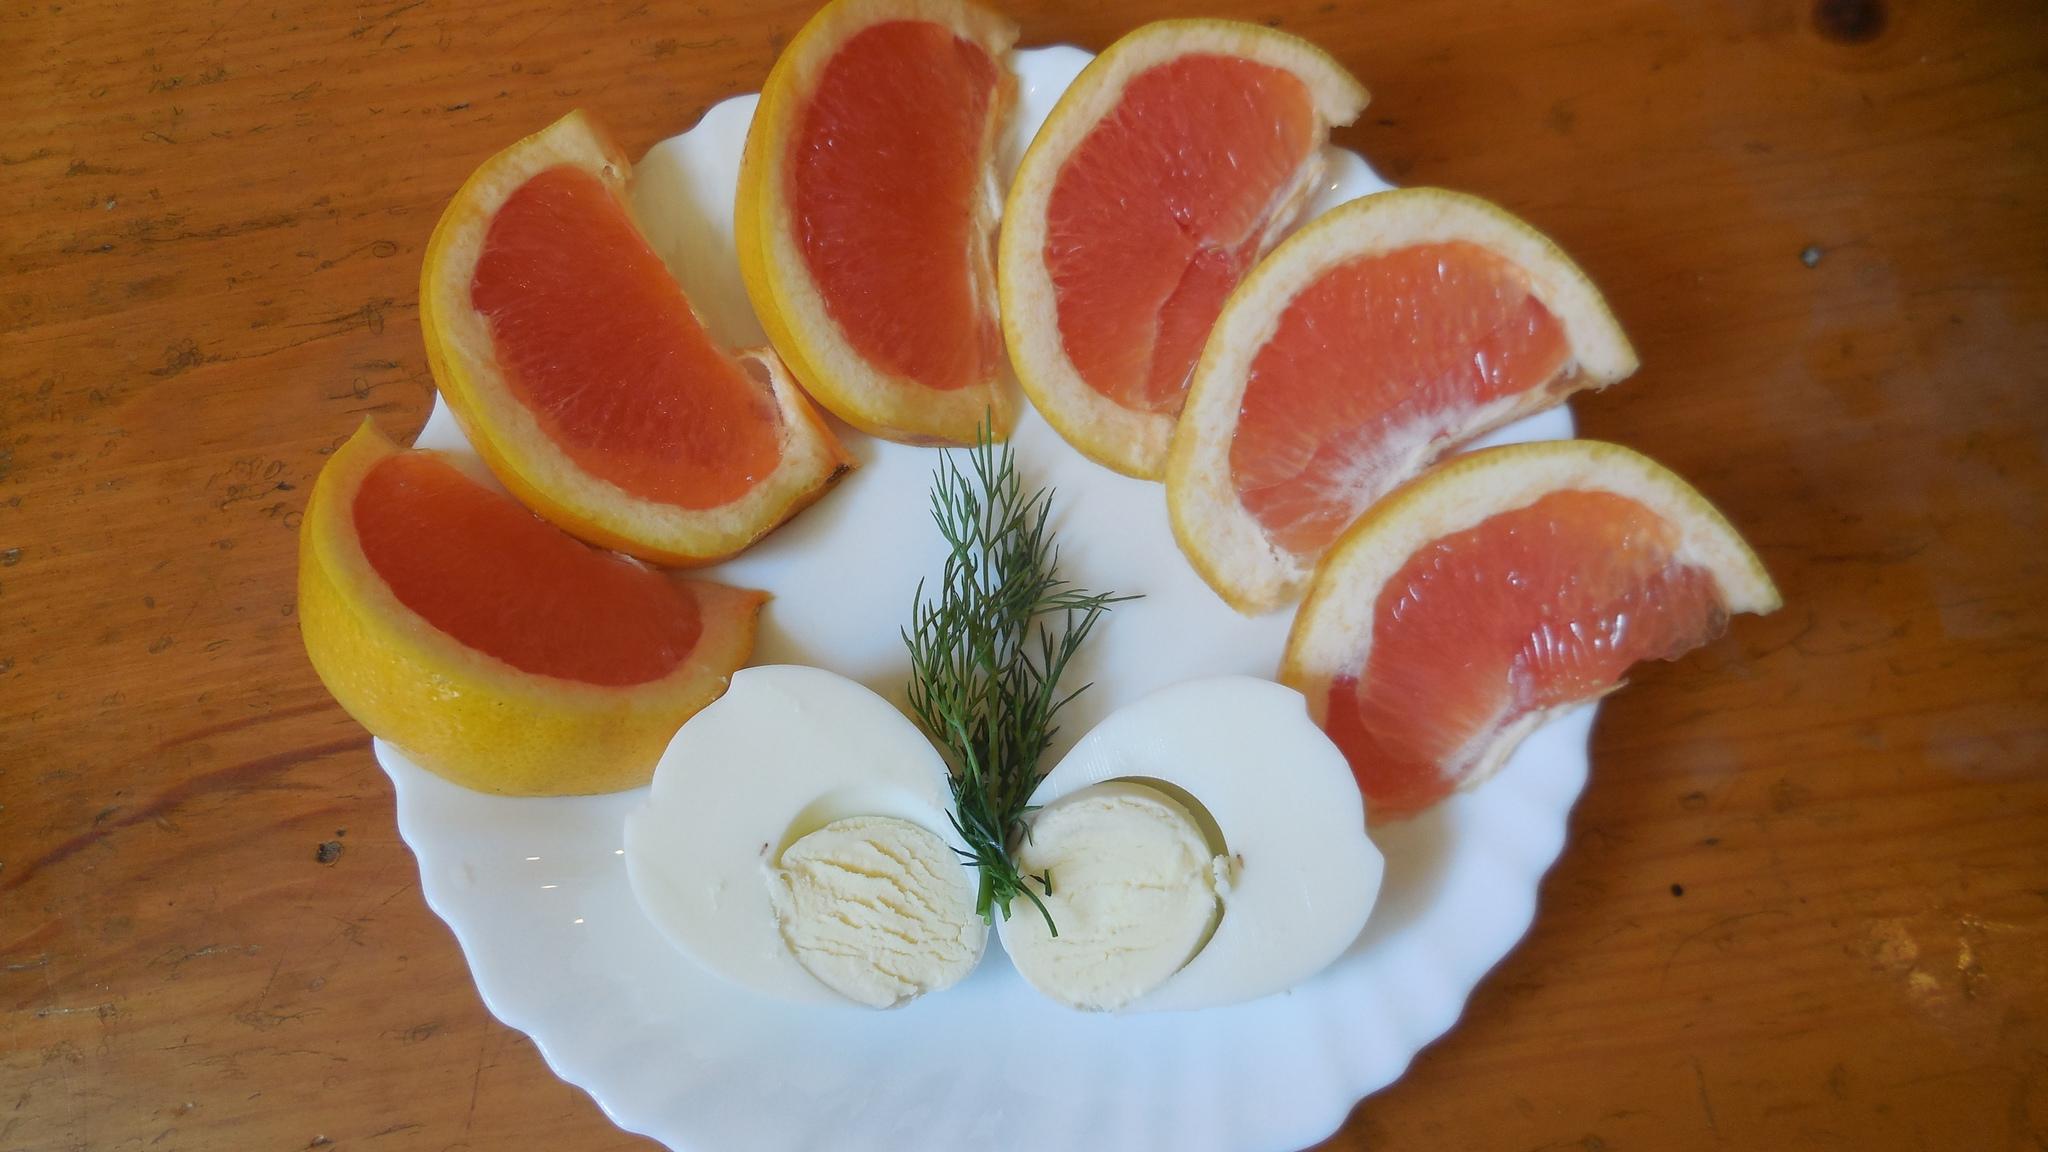 Диета Магги Завтрак. Диета Магги: меню на 4 недели на каждый день для яичного и творожного вариантов диеты